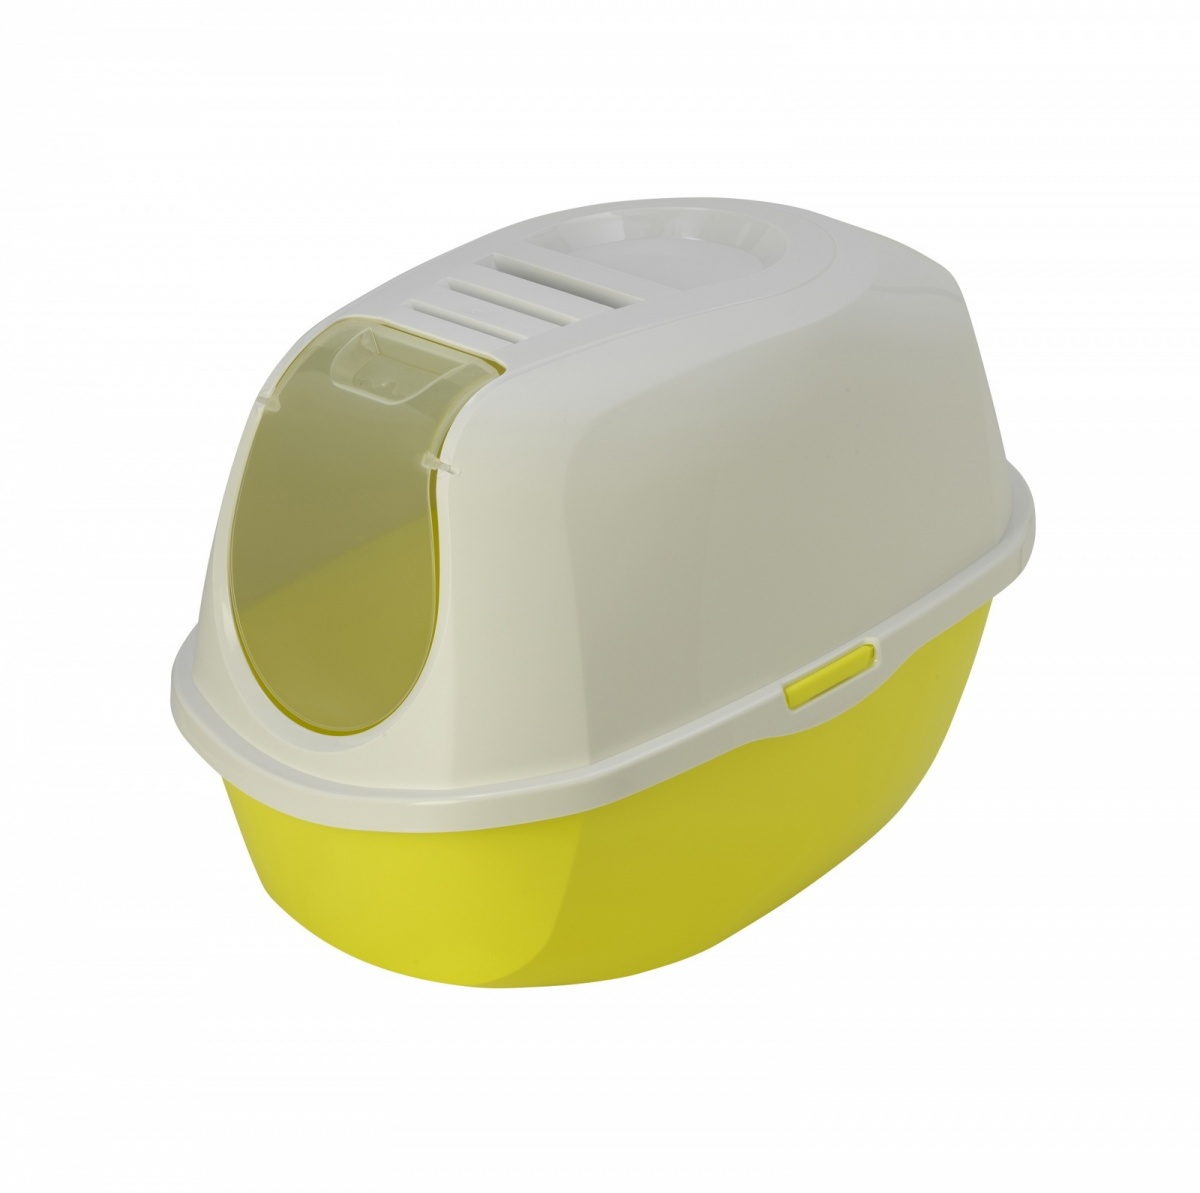 24647 /С-370-173 MODERNA Туалет-домик SmartCat с угольным фильтром, 54х40х41 см лимонный